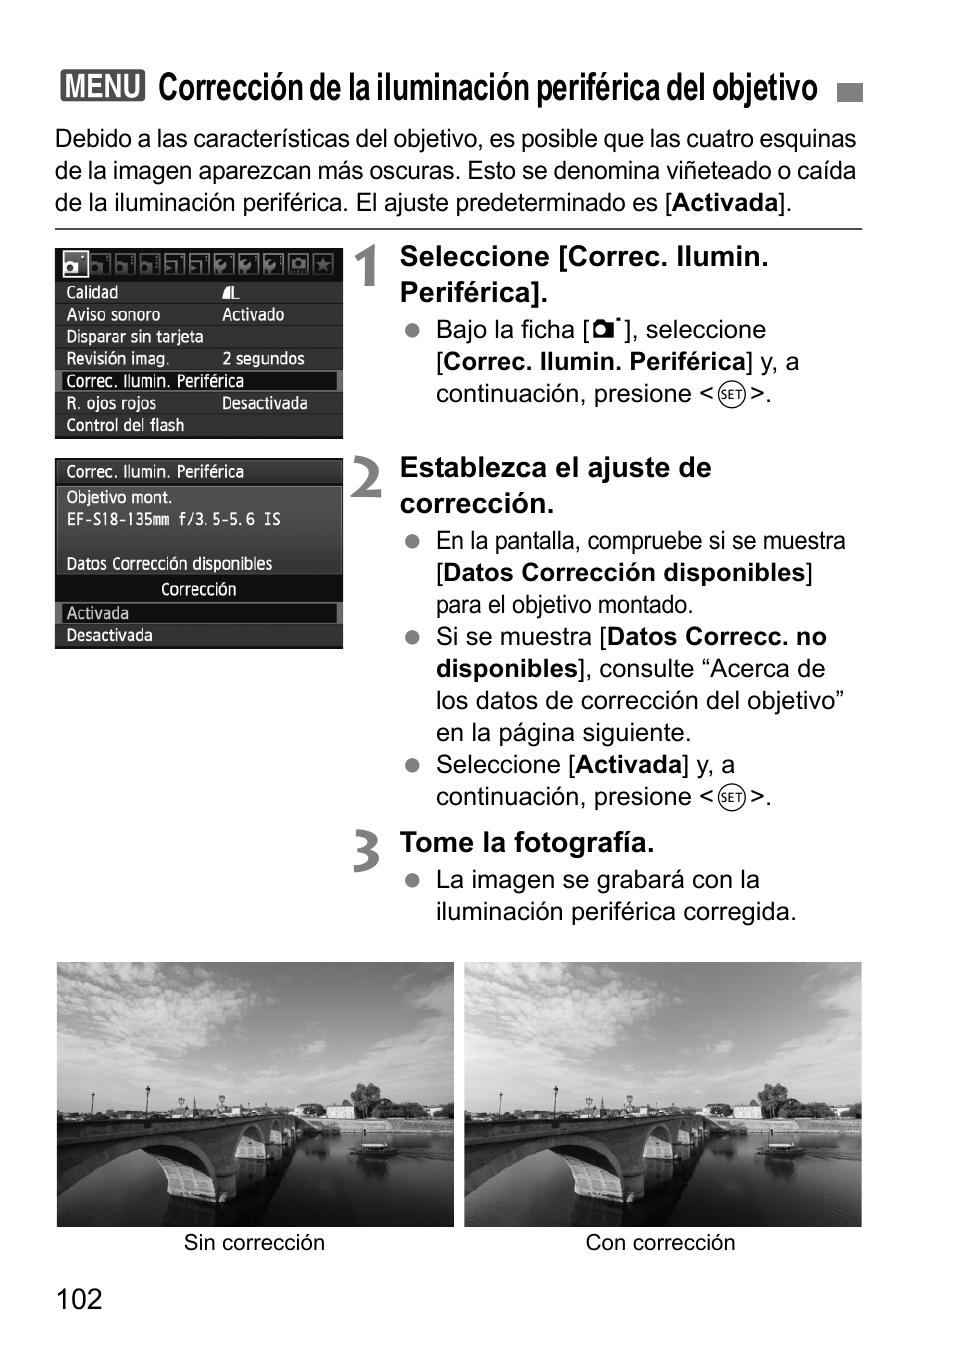 Canon EOS 60D Manual del usuario   Página 102 / 320